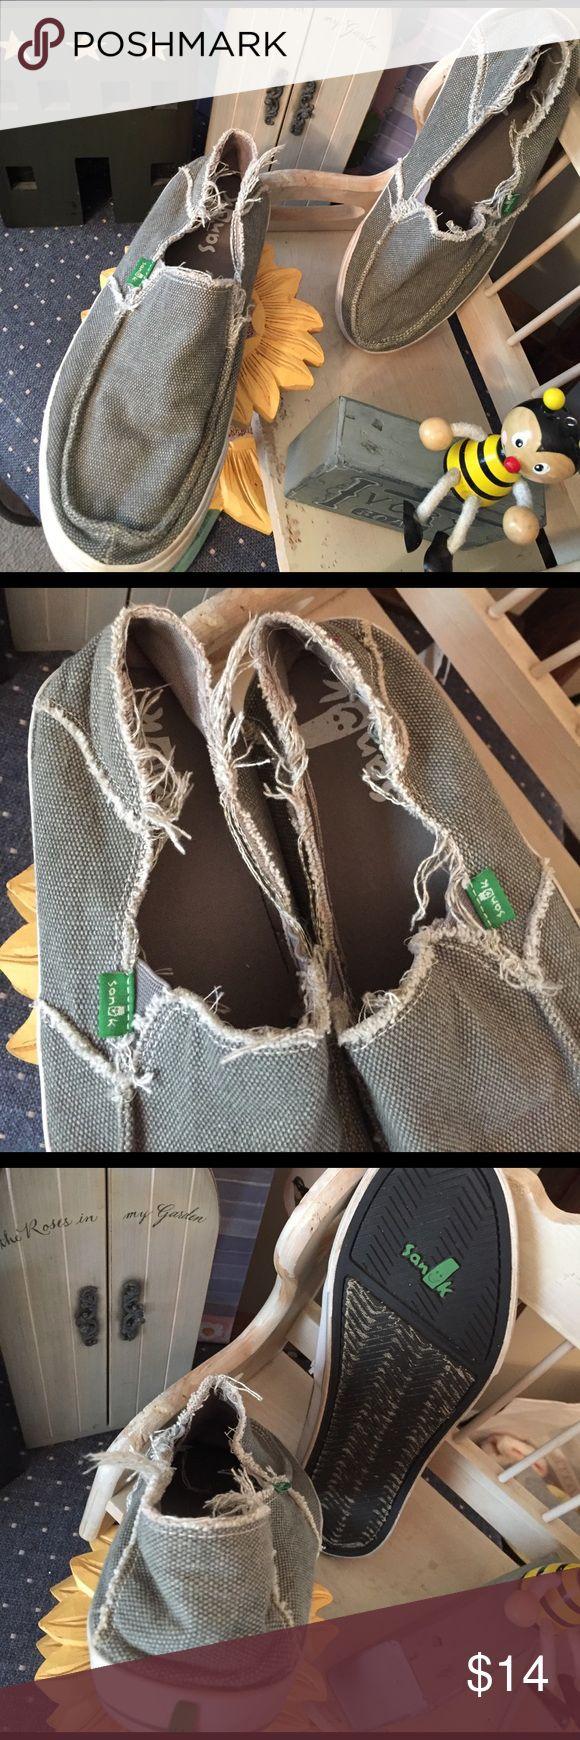 Sanuk men's Sz 8 Loafers like new   Khaki green canvas cotton flats Sanuk Shoes Loafers & Slip-Ons